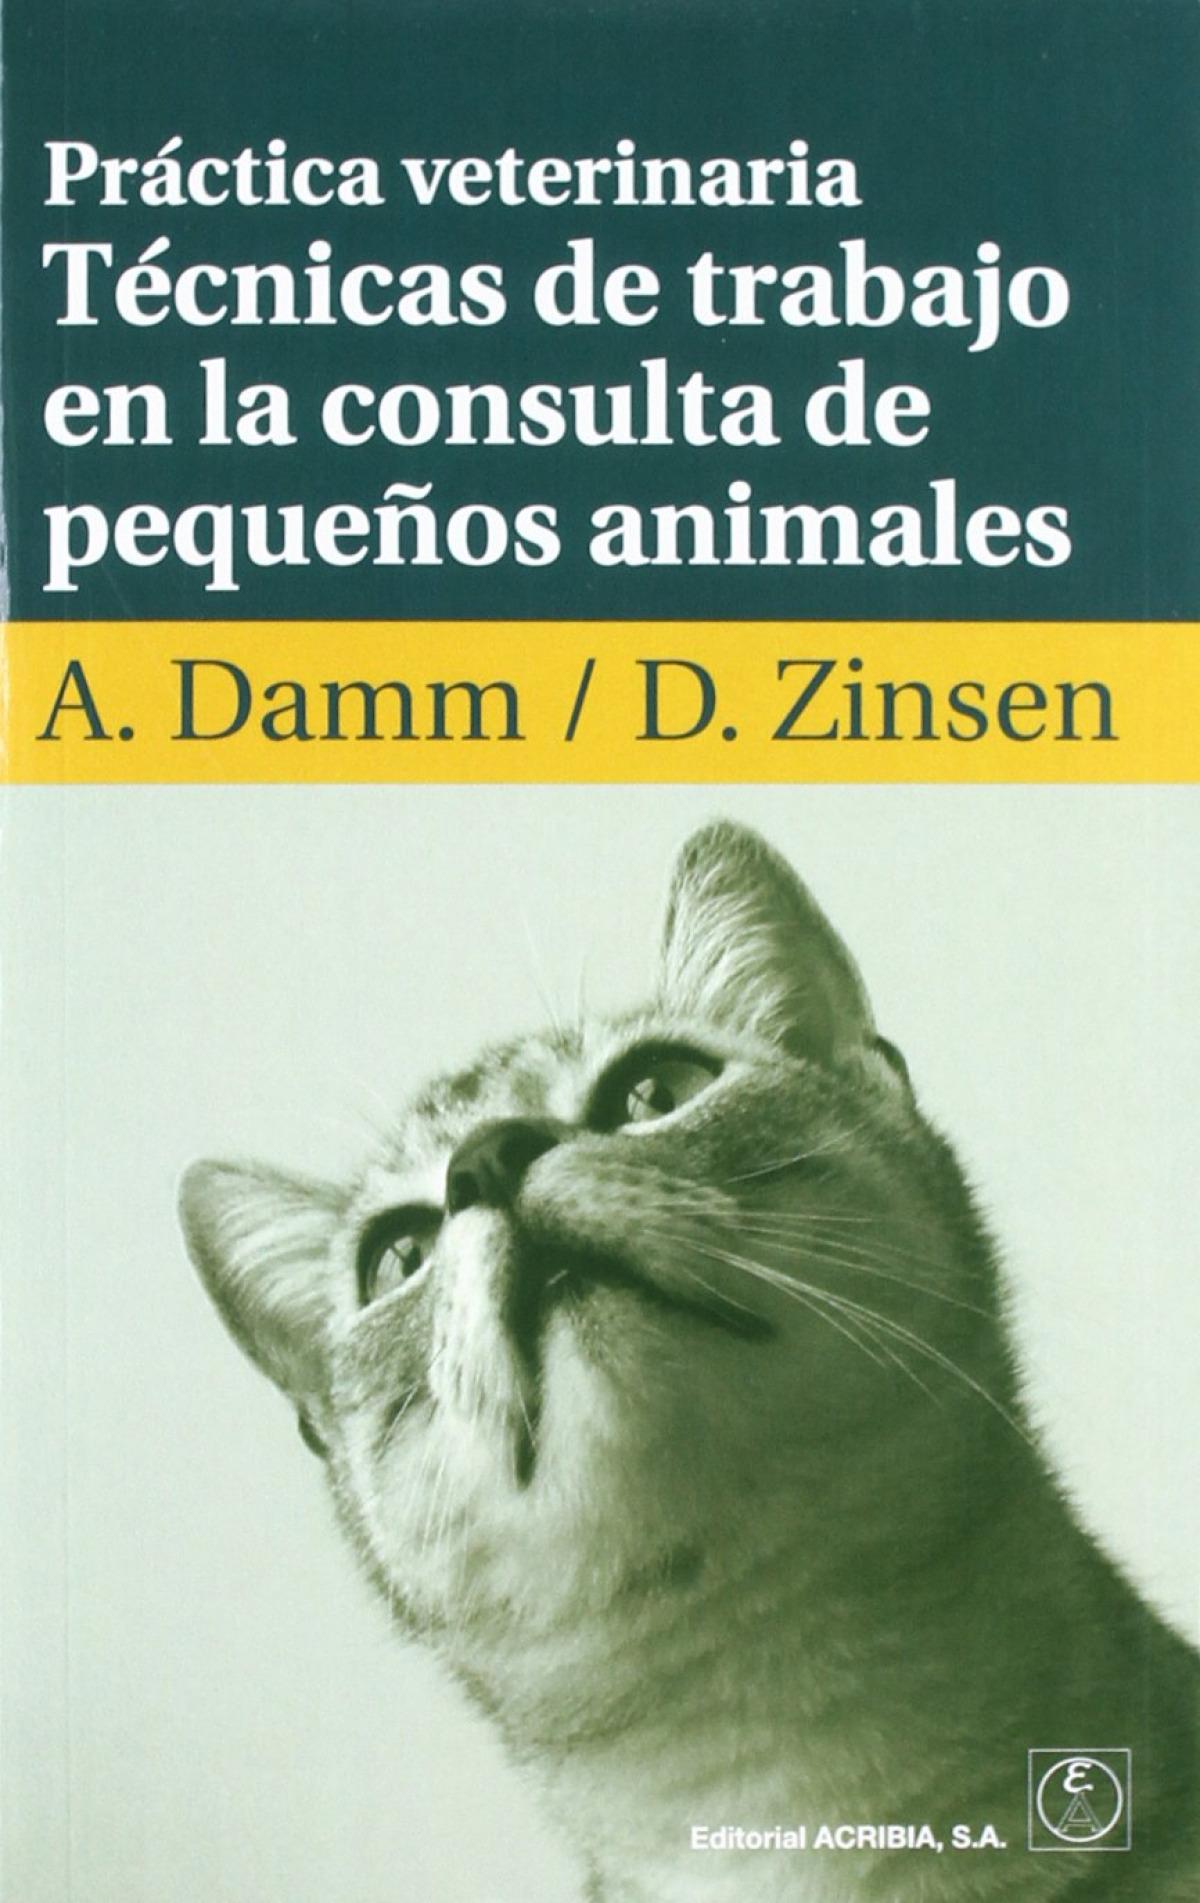 PRÁCTICA VETERINARIA. TÉCNICAS DE TRABAJO EN LA CONSULTA DE PEQUEÑOS ANIMALES